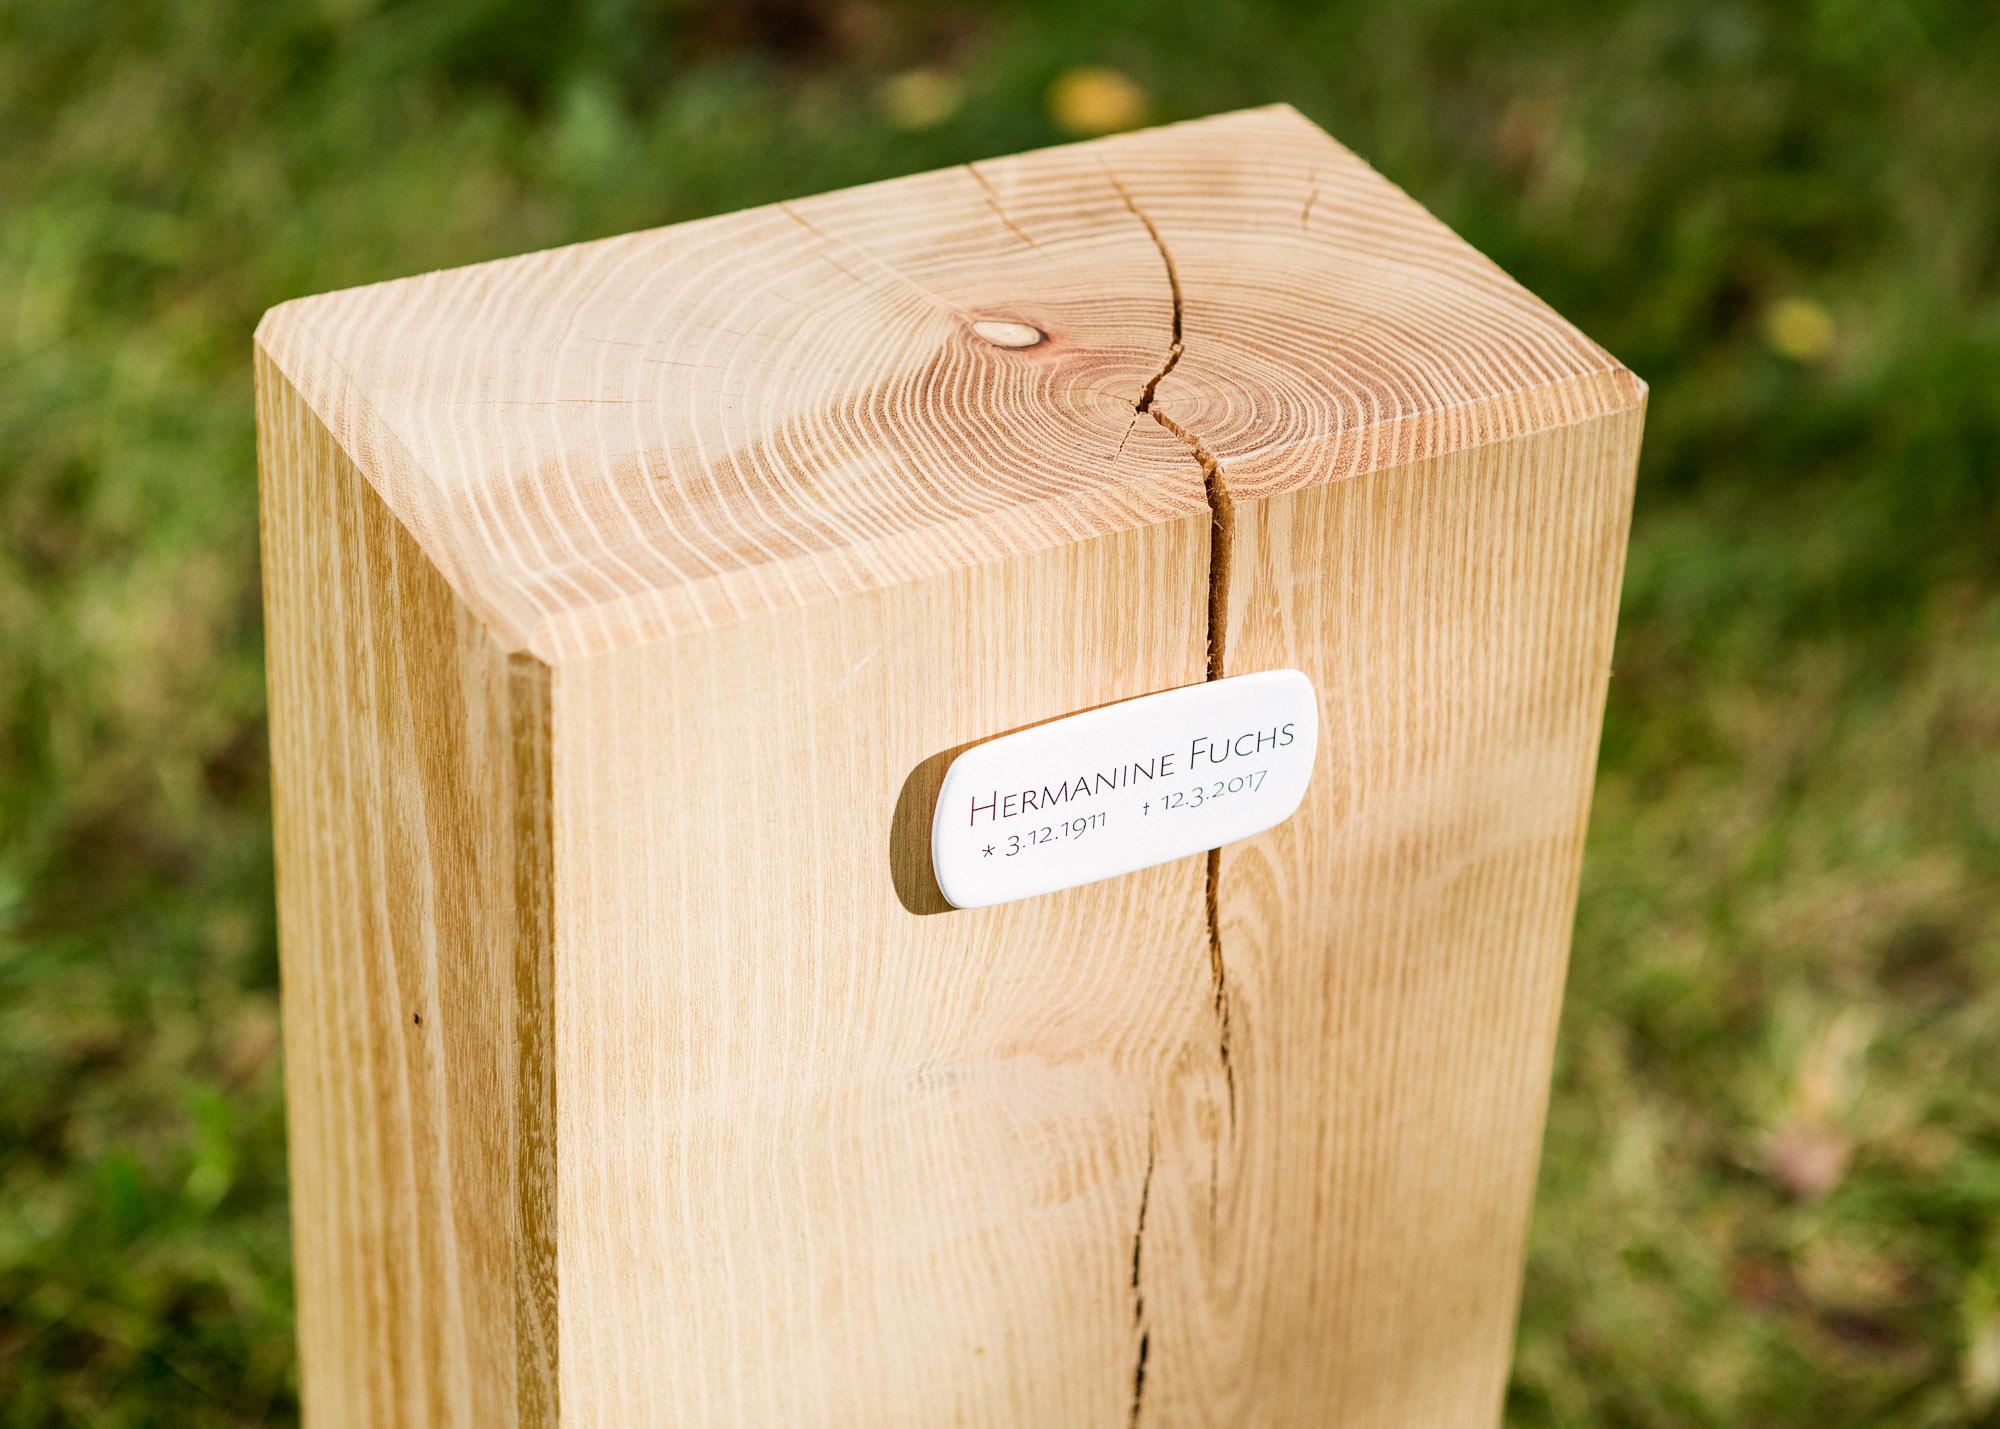 Holzblock mit kleinem Emailleschild als Alternative zum Grabstein